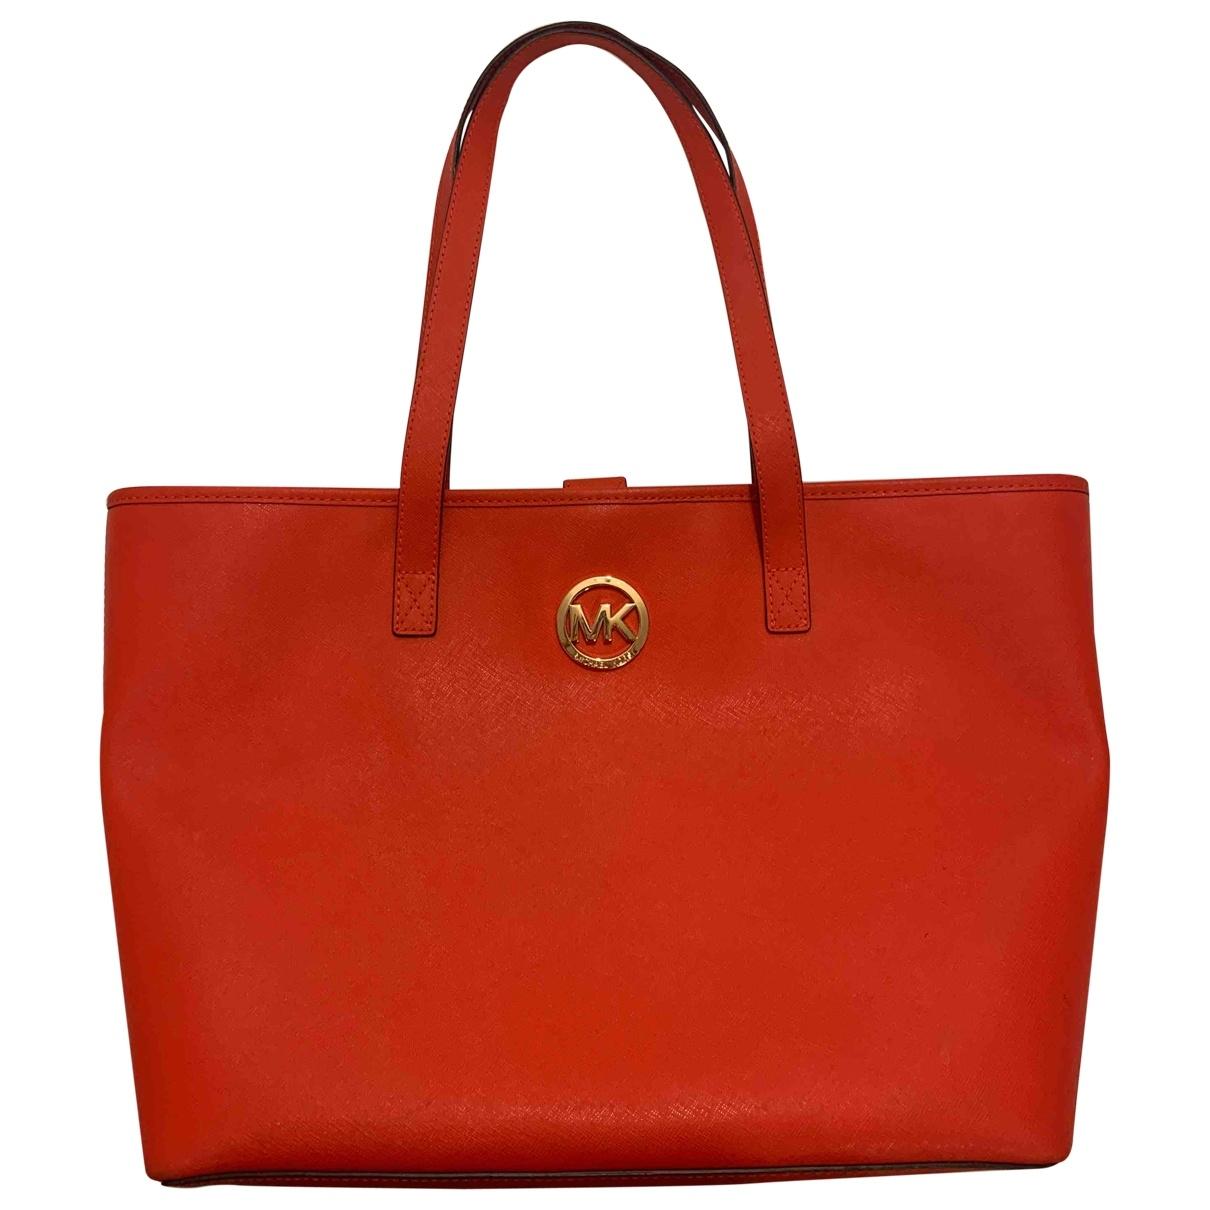 Michael Kors - Sac a main   pour femme en cuir - rouge